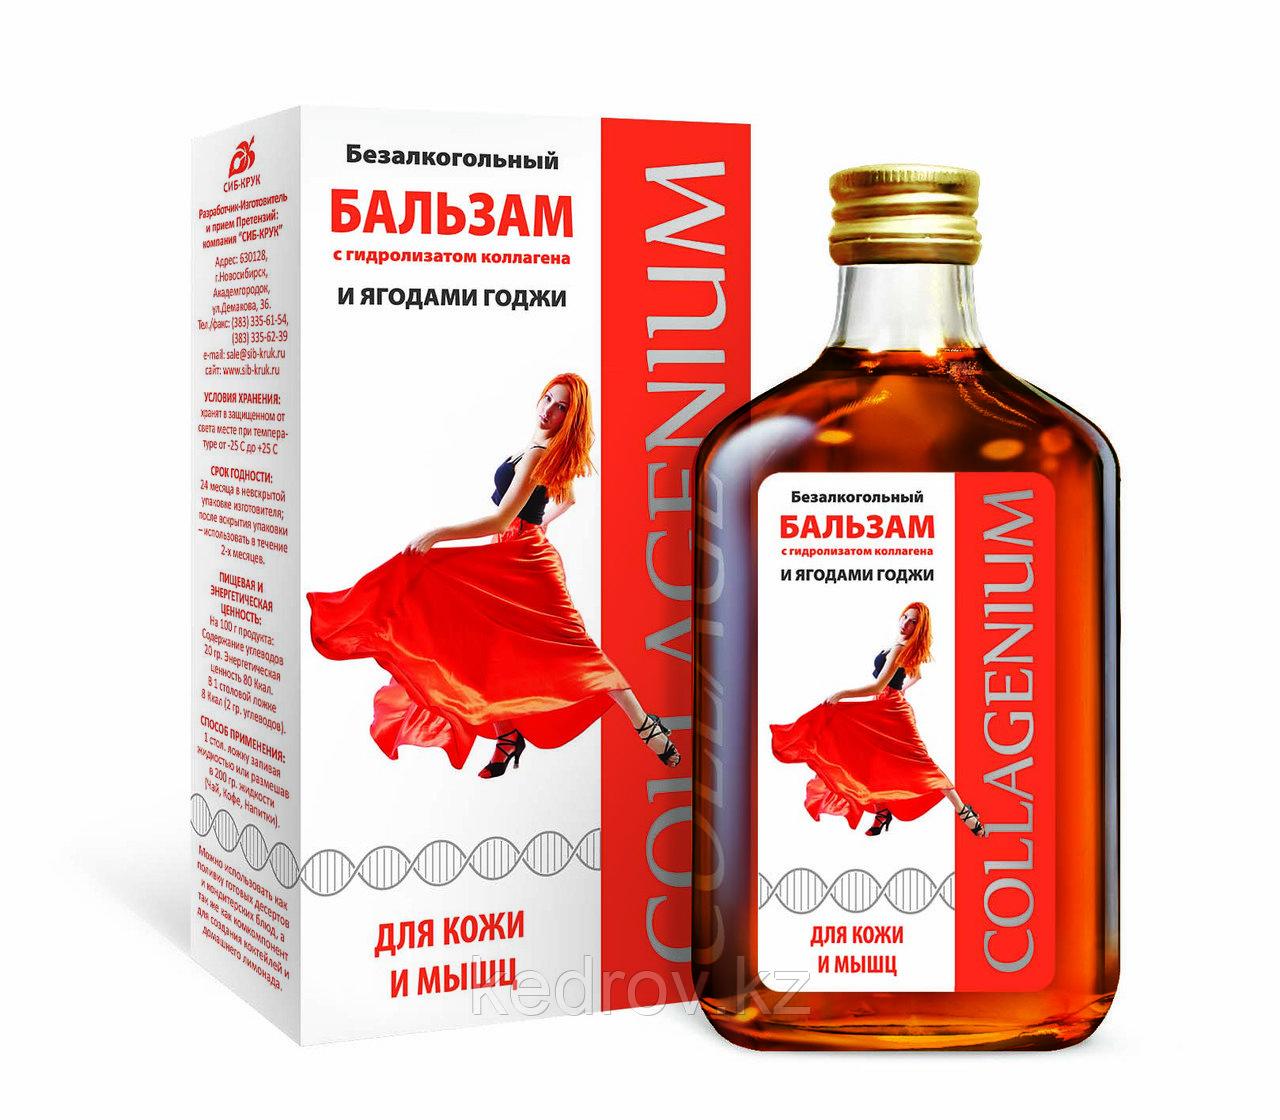 """Бальзам """"Коллагениум"""" для кожи и мышц, 250 мл, с коллагеном и ягодами годжи"""